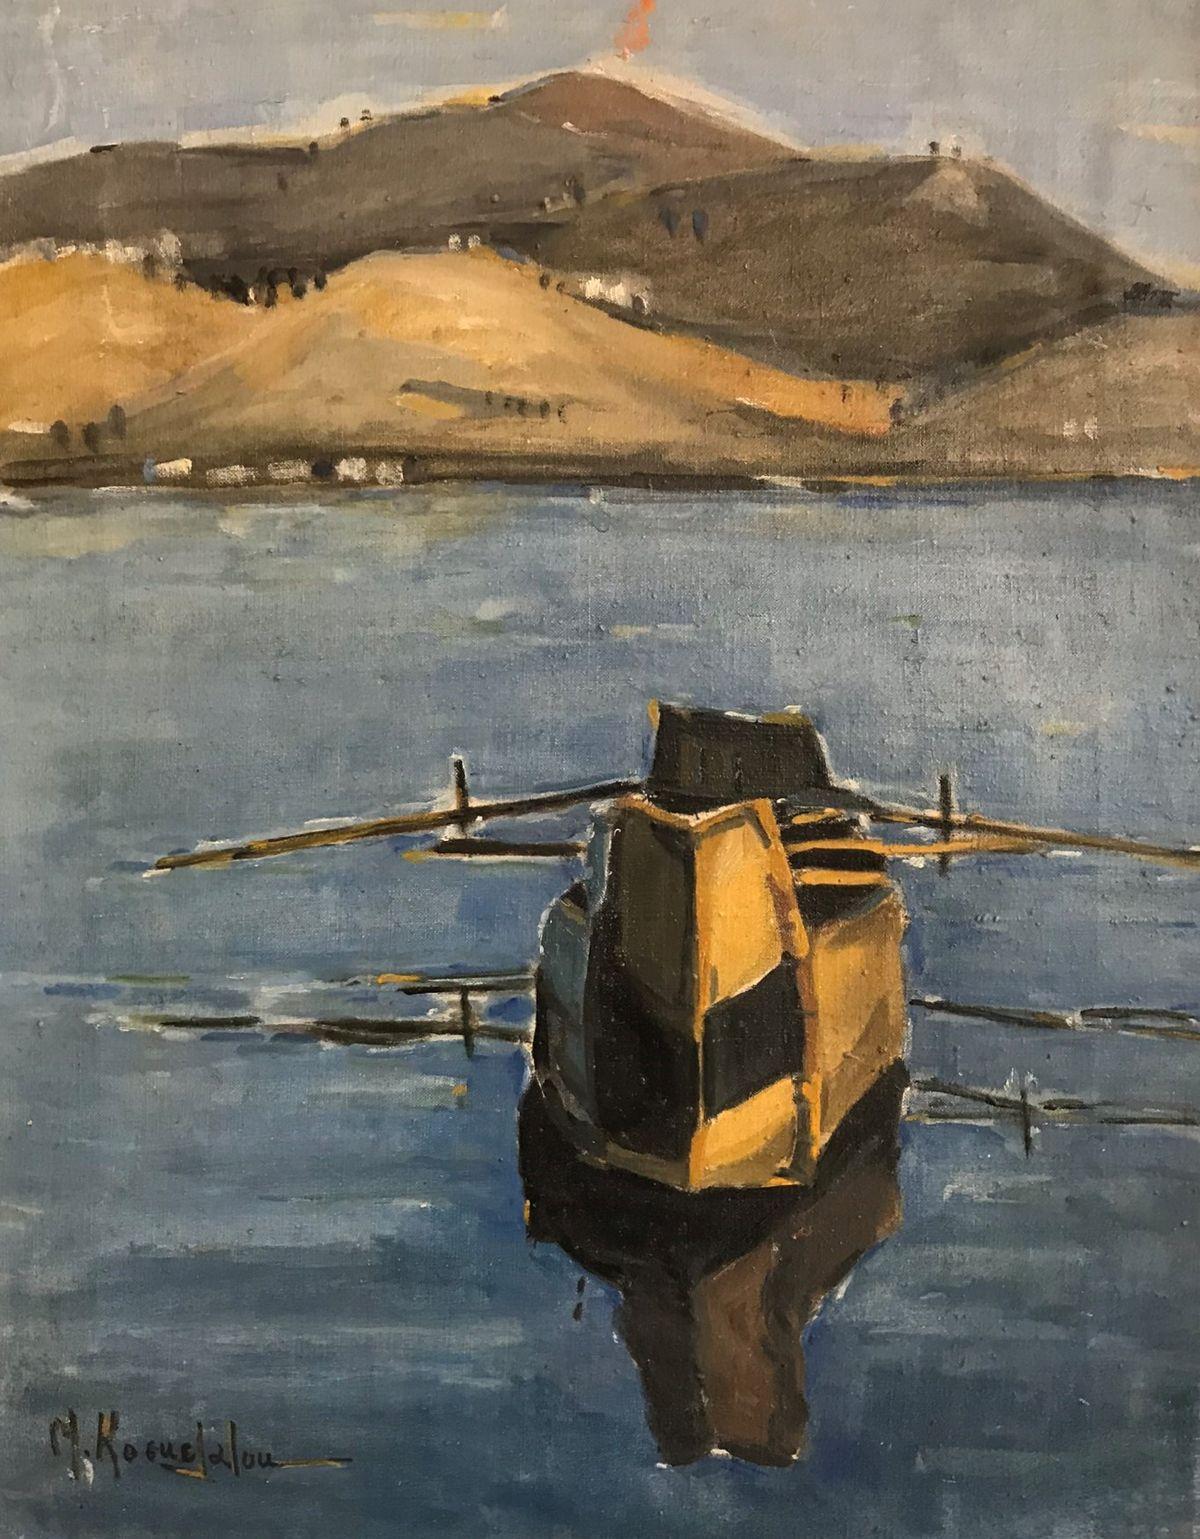 Νινέττα Κοσμετάτου 35×45 εκ. Λάδια σε καμβά Ninetta Kosmetatou 35×45 cm Oils on canvas